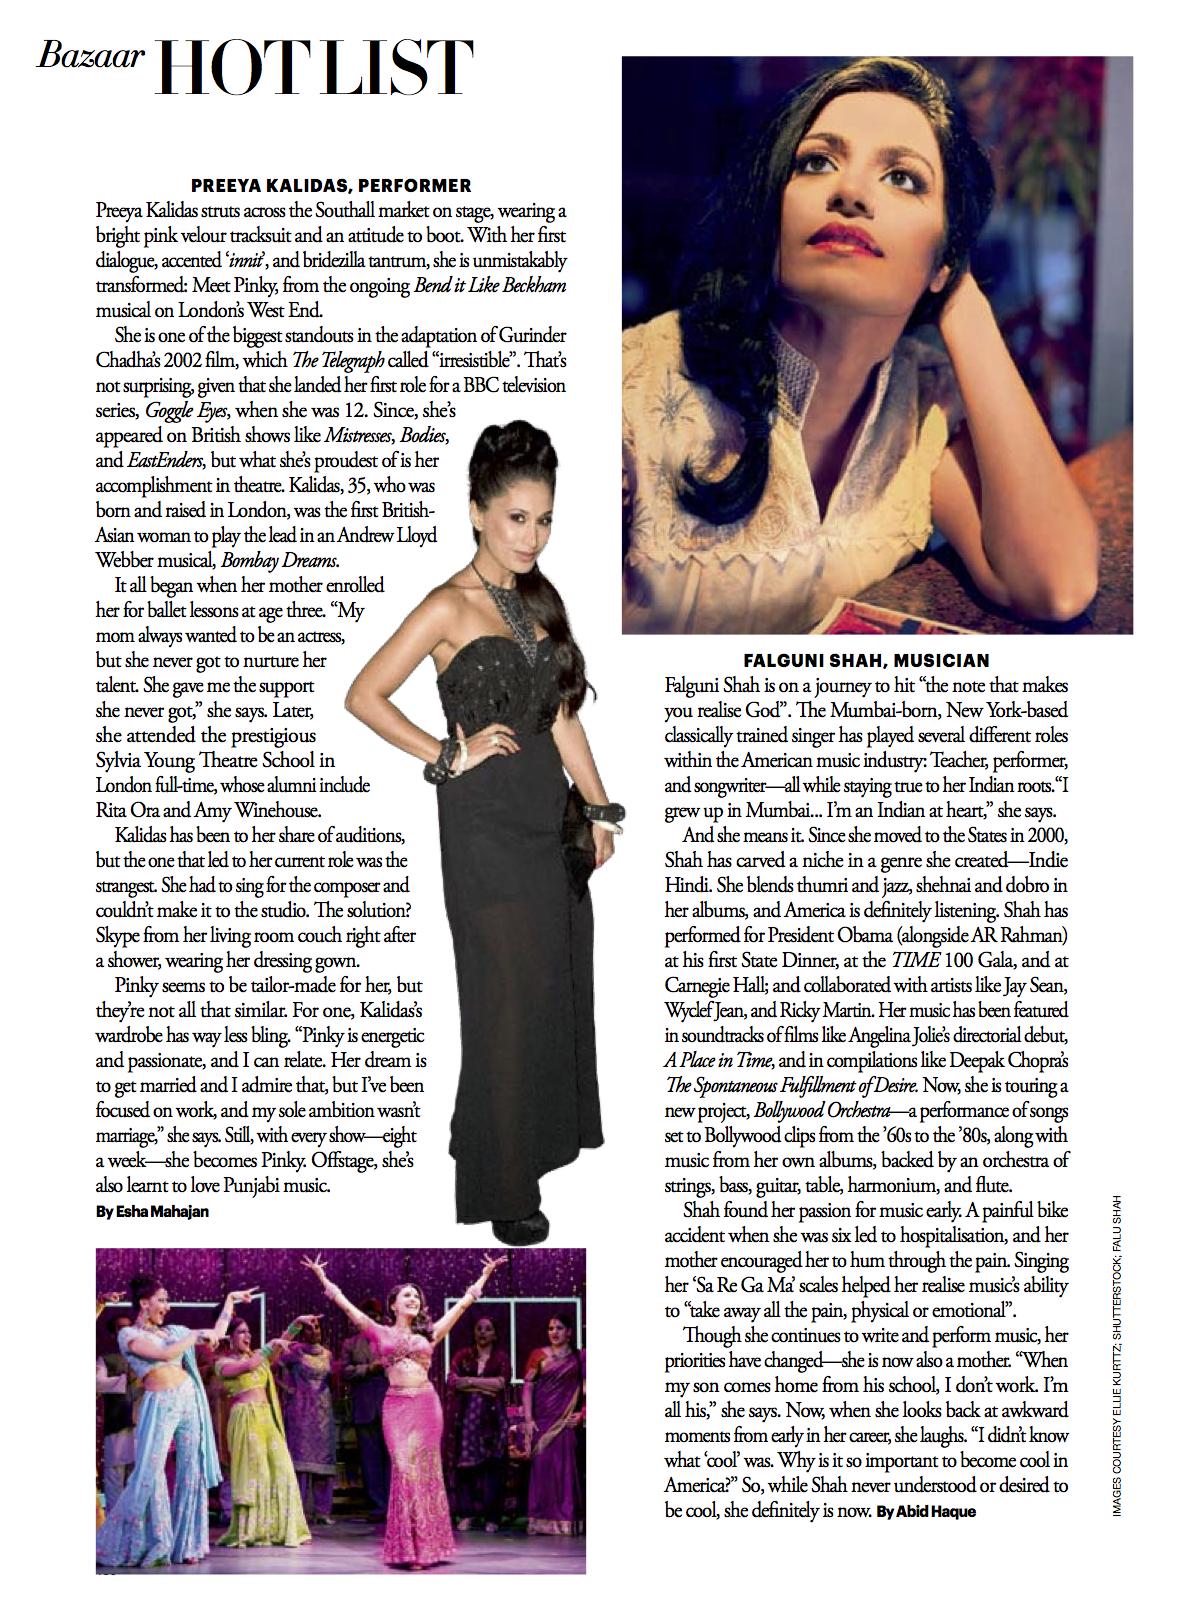 Falu Shah for Harper's Bazaar India